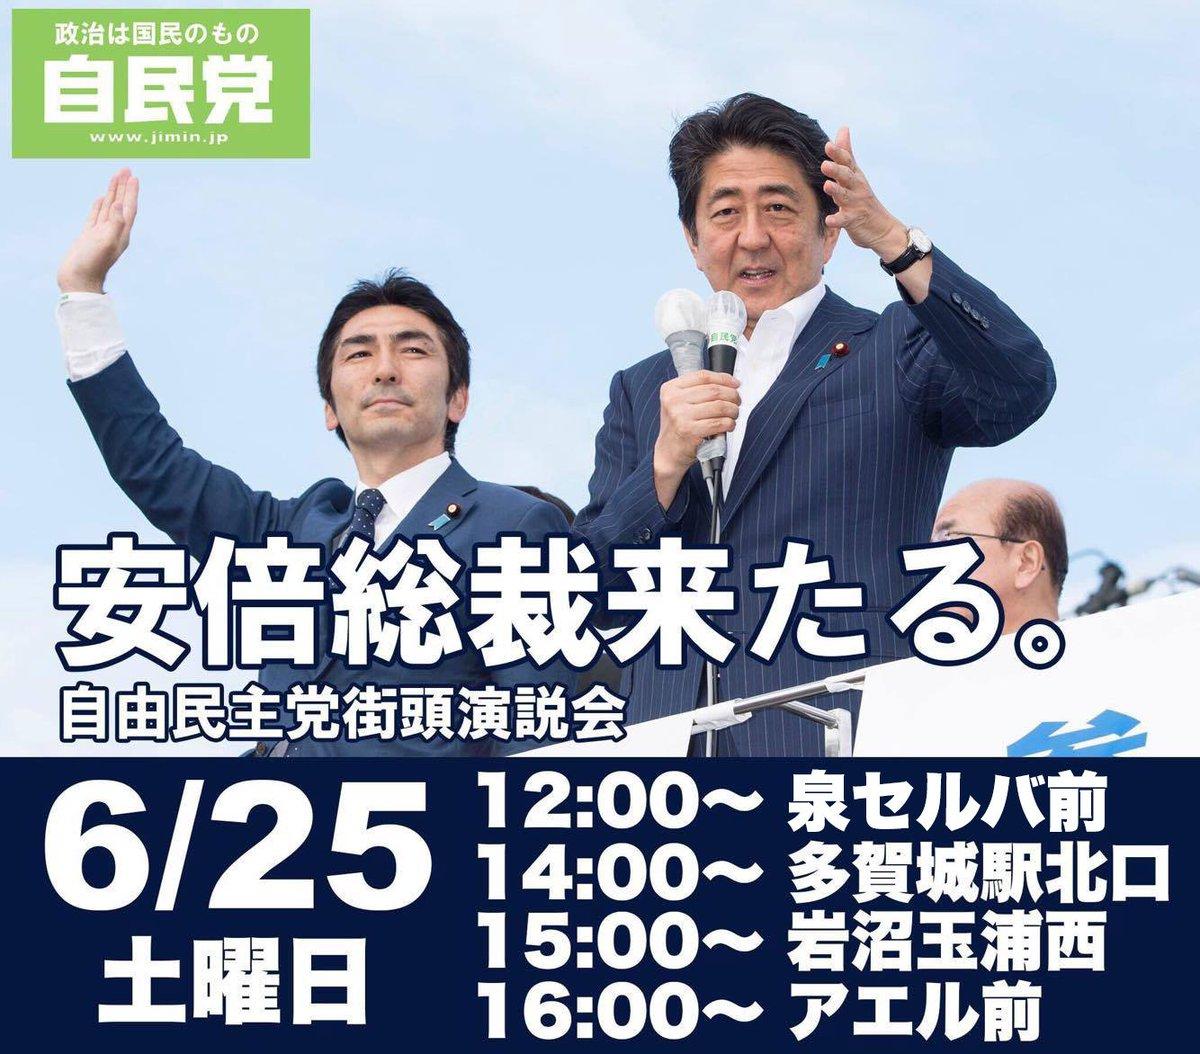 熊谷事務所スタッフです。いよいよ本日安倍首相が来仙します!自由民主党街頭演説会を開催いたします。みなさまぜひご参加ください❗️ #熊谷大 #宮城 #東北 #自民党 #この道を力強く前へ https://t.co/o4SinFzxux